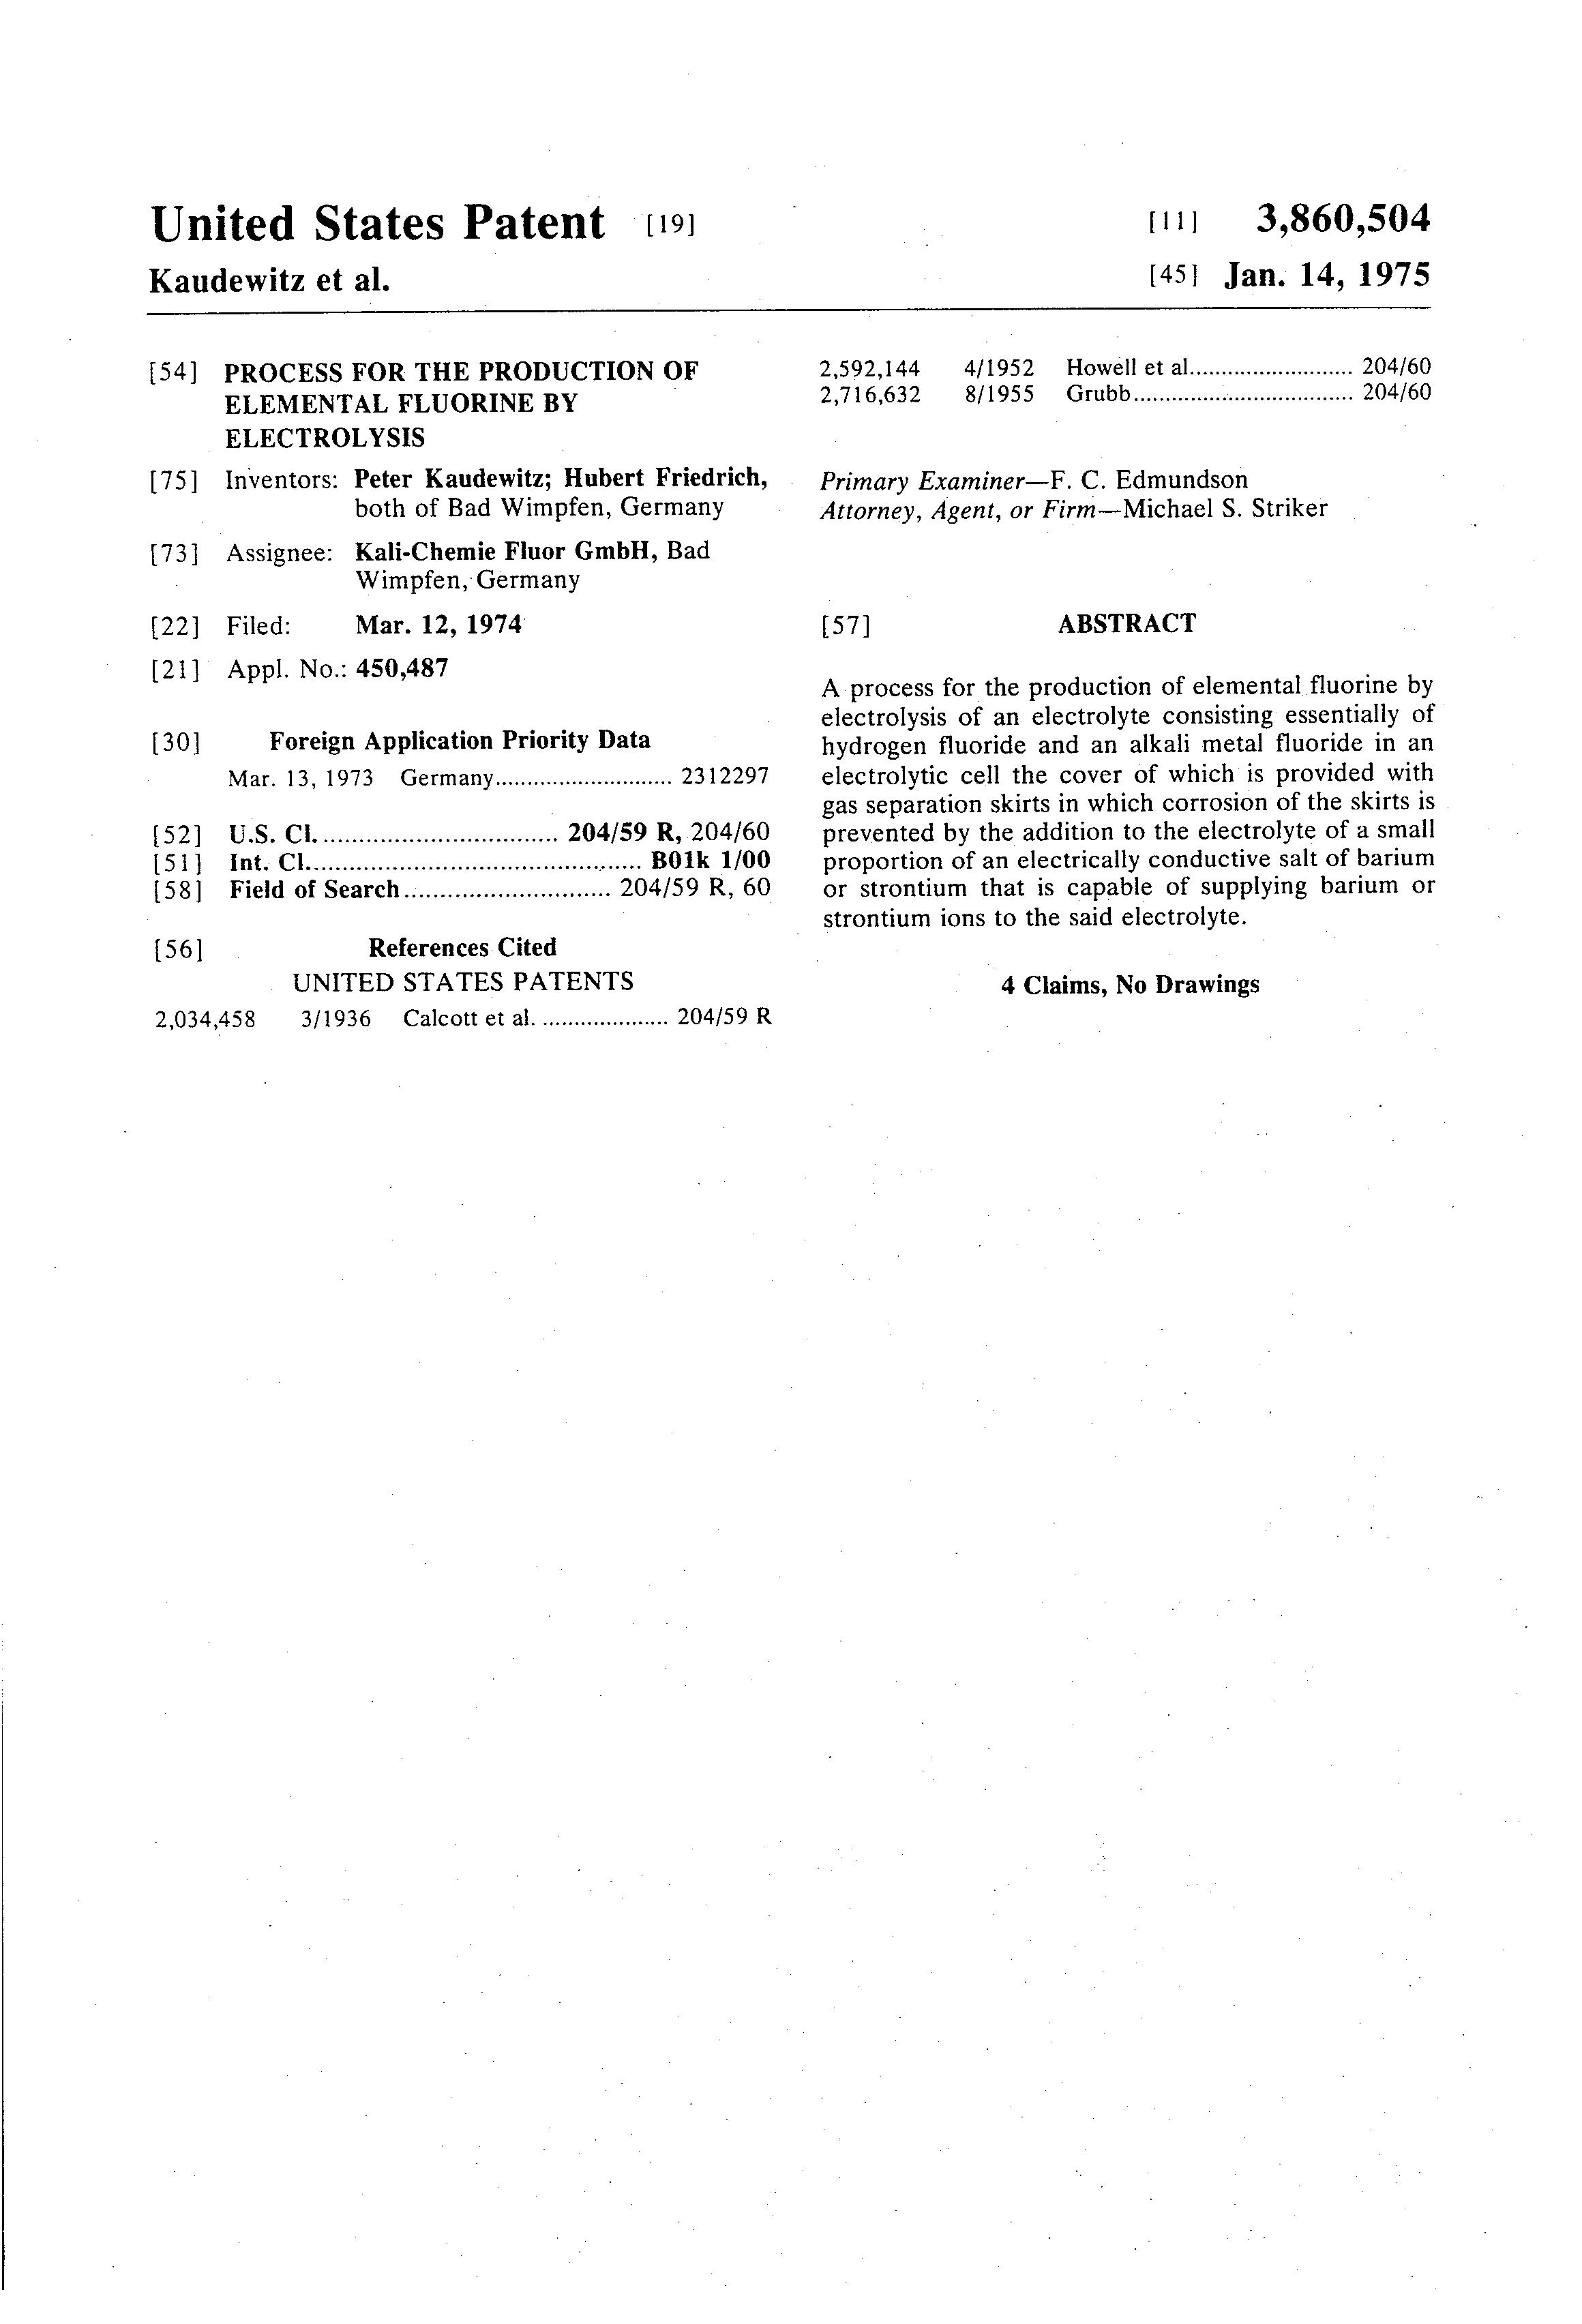 براءة الاختراع US3860504 - Process for the production of